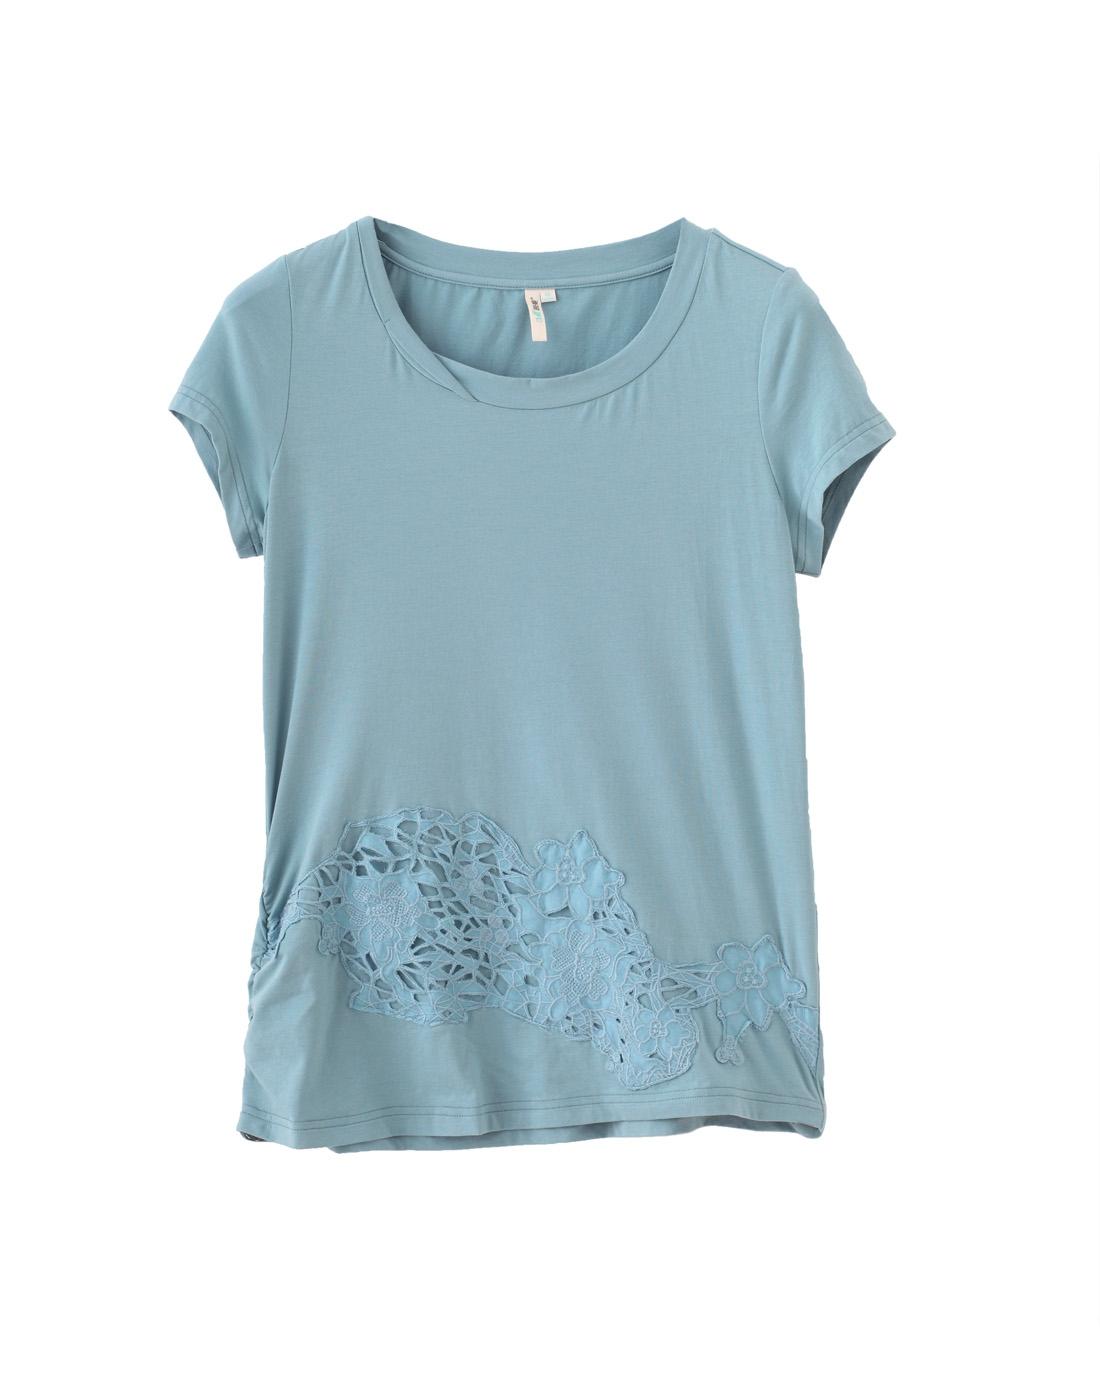 衣服印花图案像豆字